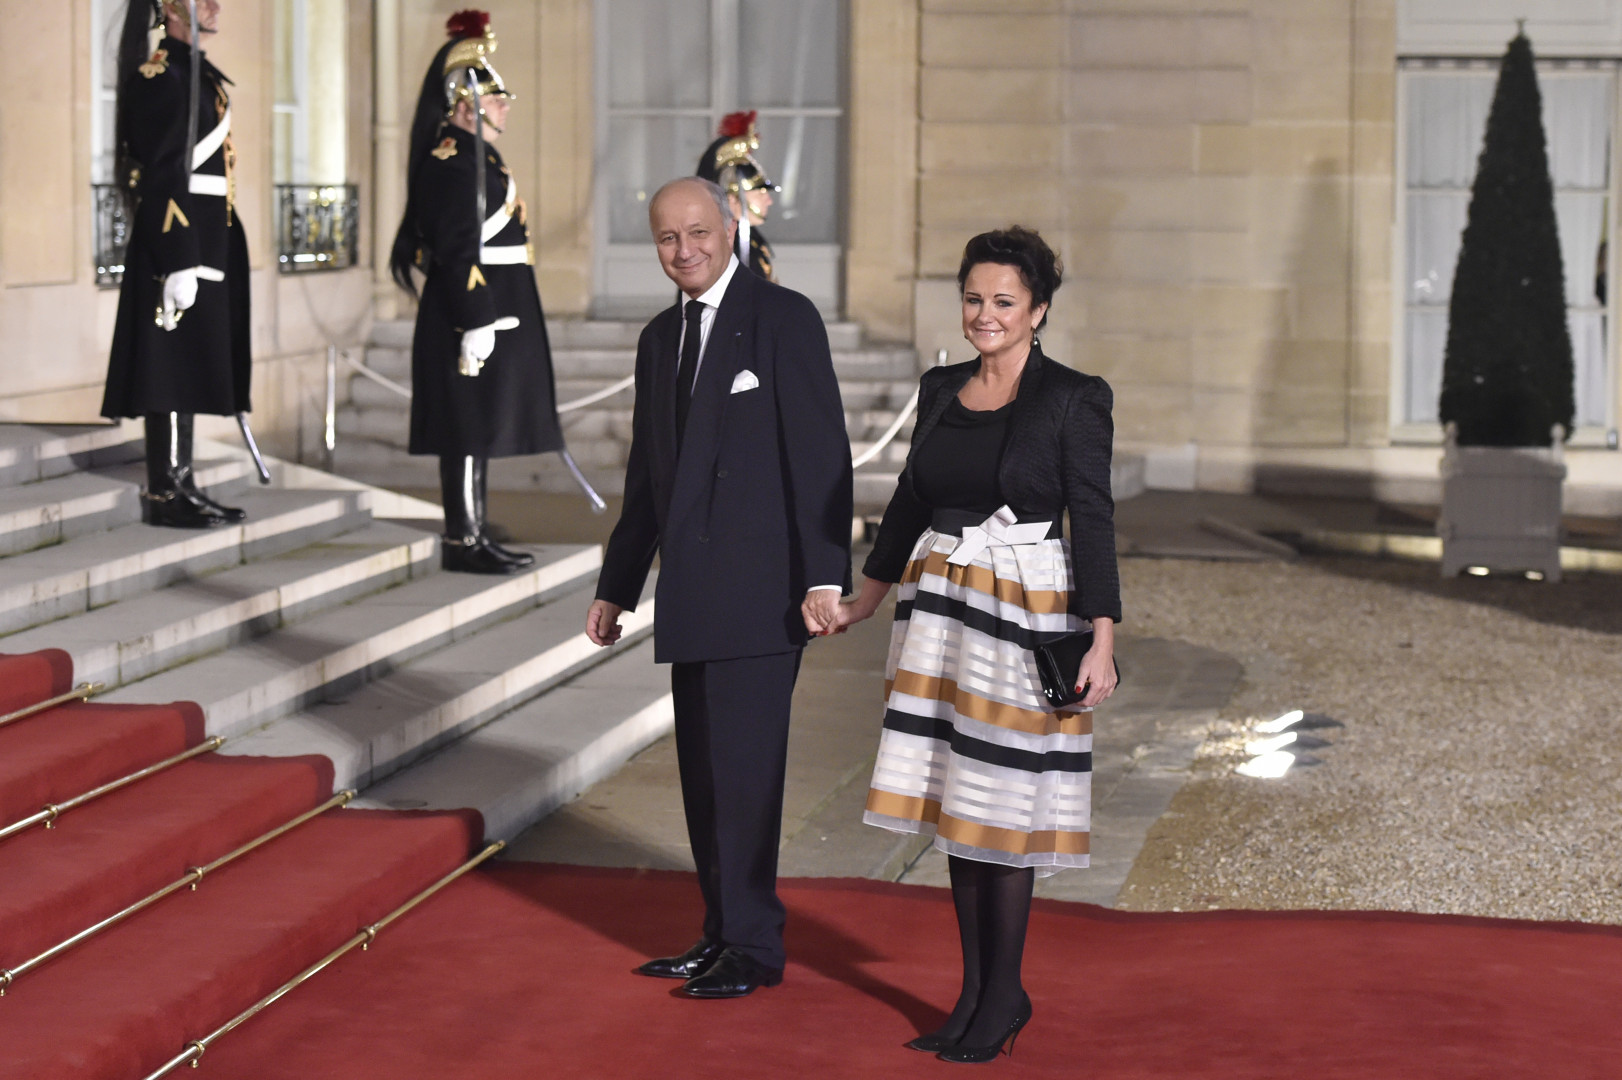 Laurent Fabius et sa compagne, à l'Élysée le 1er février 2016